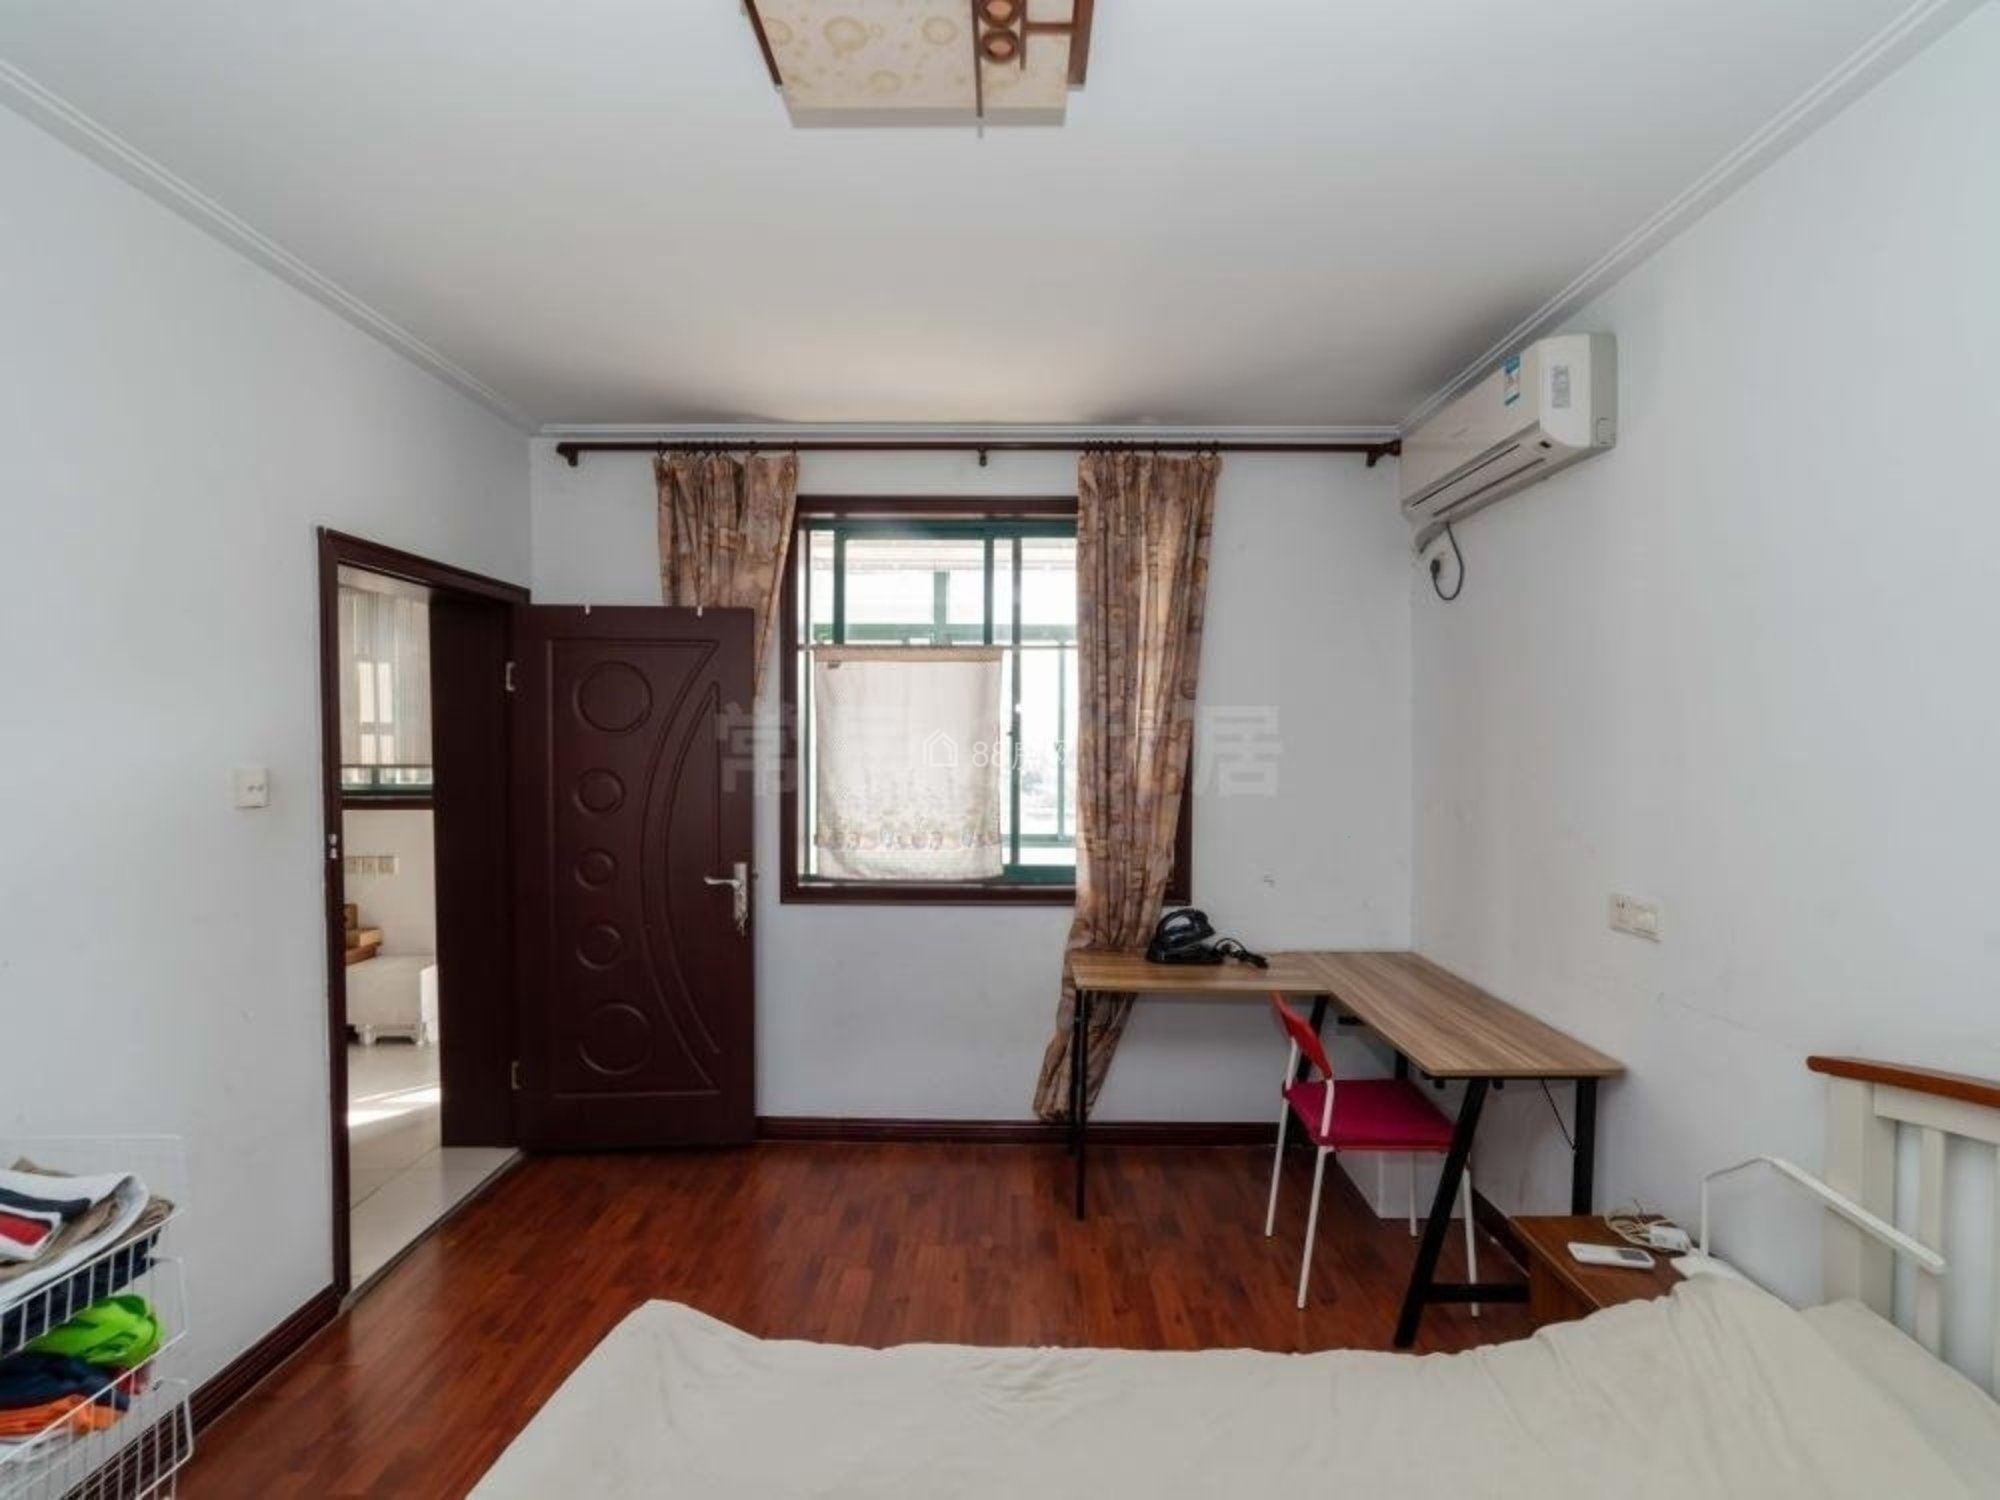 桃园新村 精装两房朝南 户口空 置 24中 元丰巷 地铁口旁